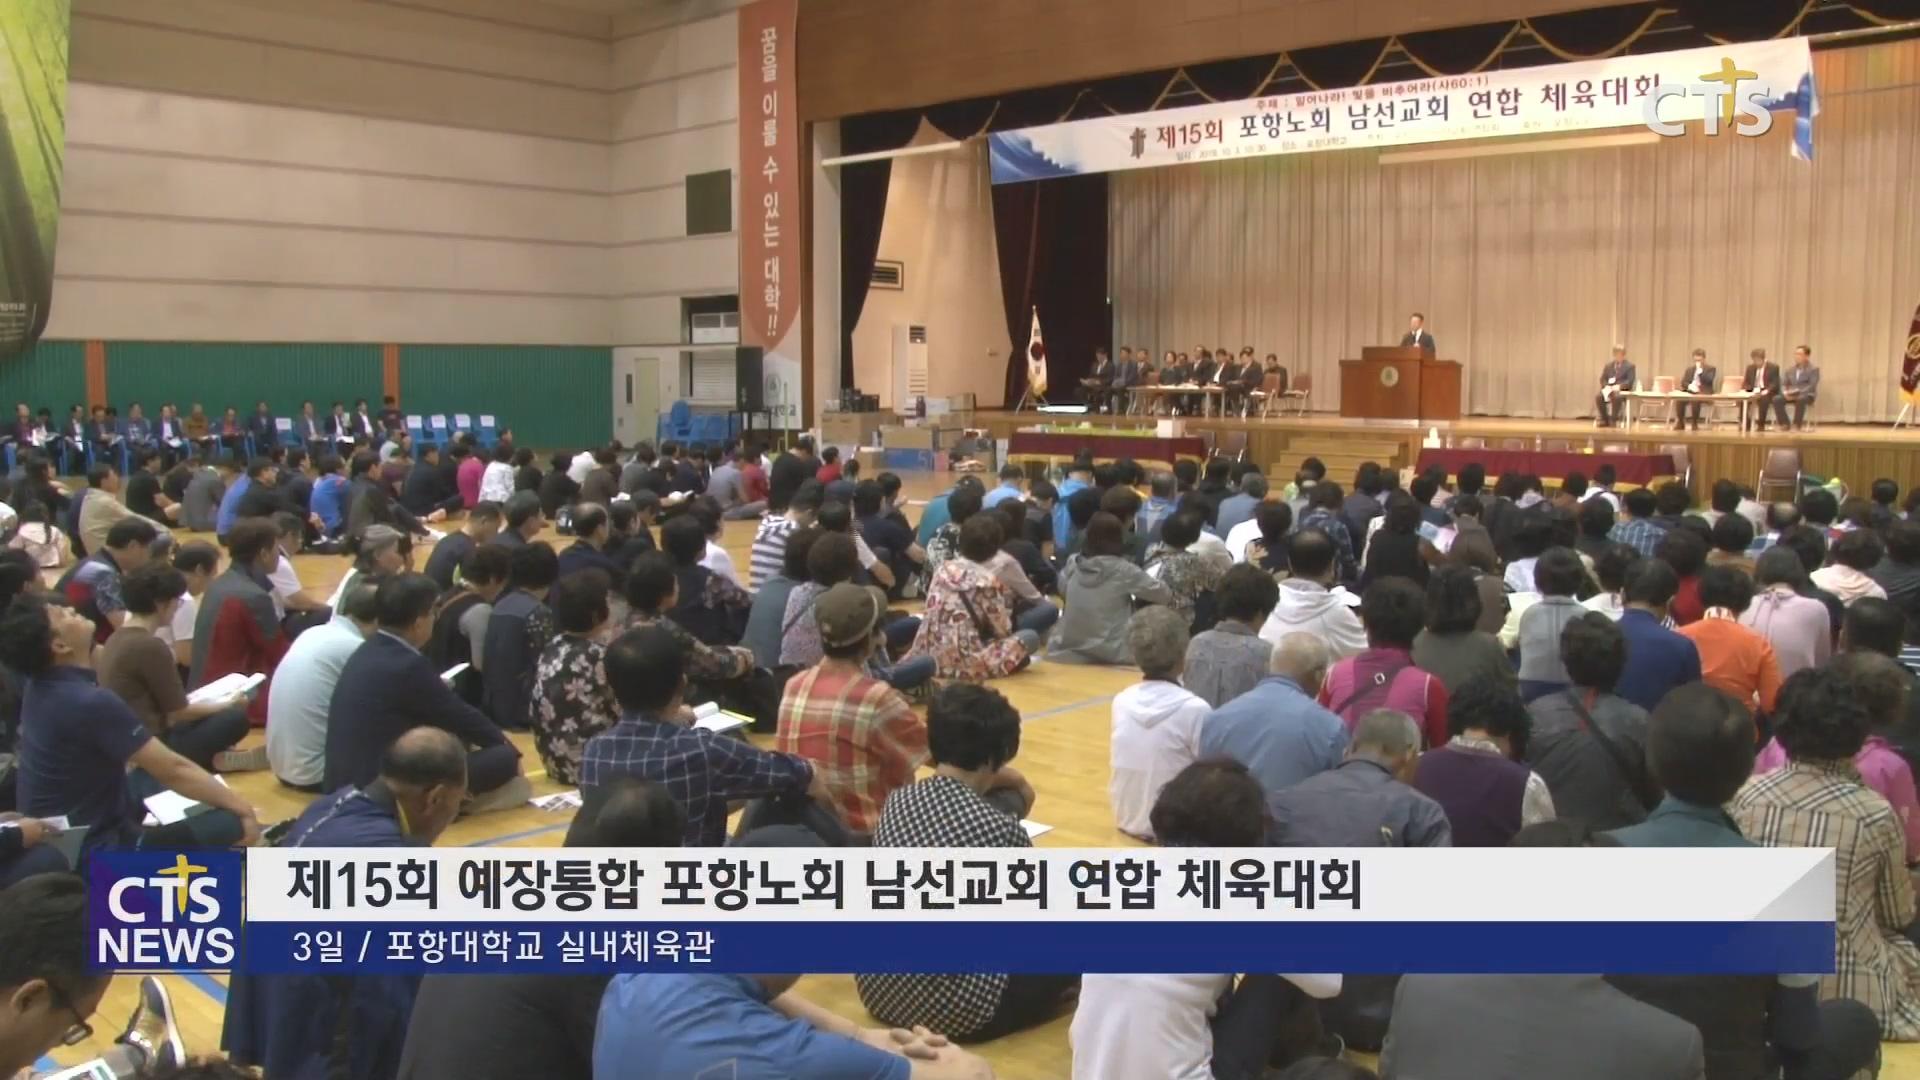 대한예수교장로회 통합 포항노회 남선교회 연합 체육대회